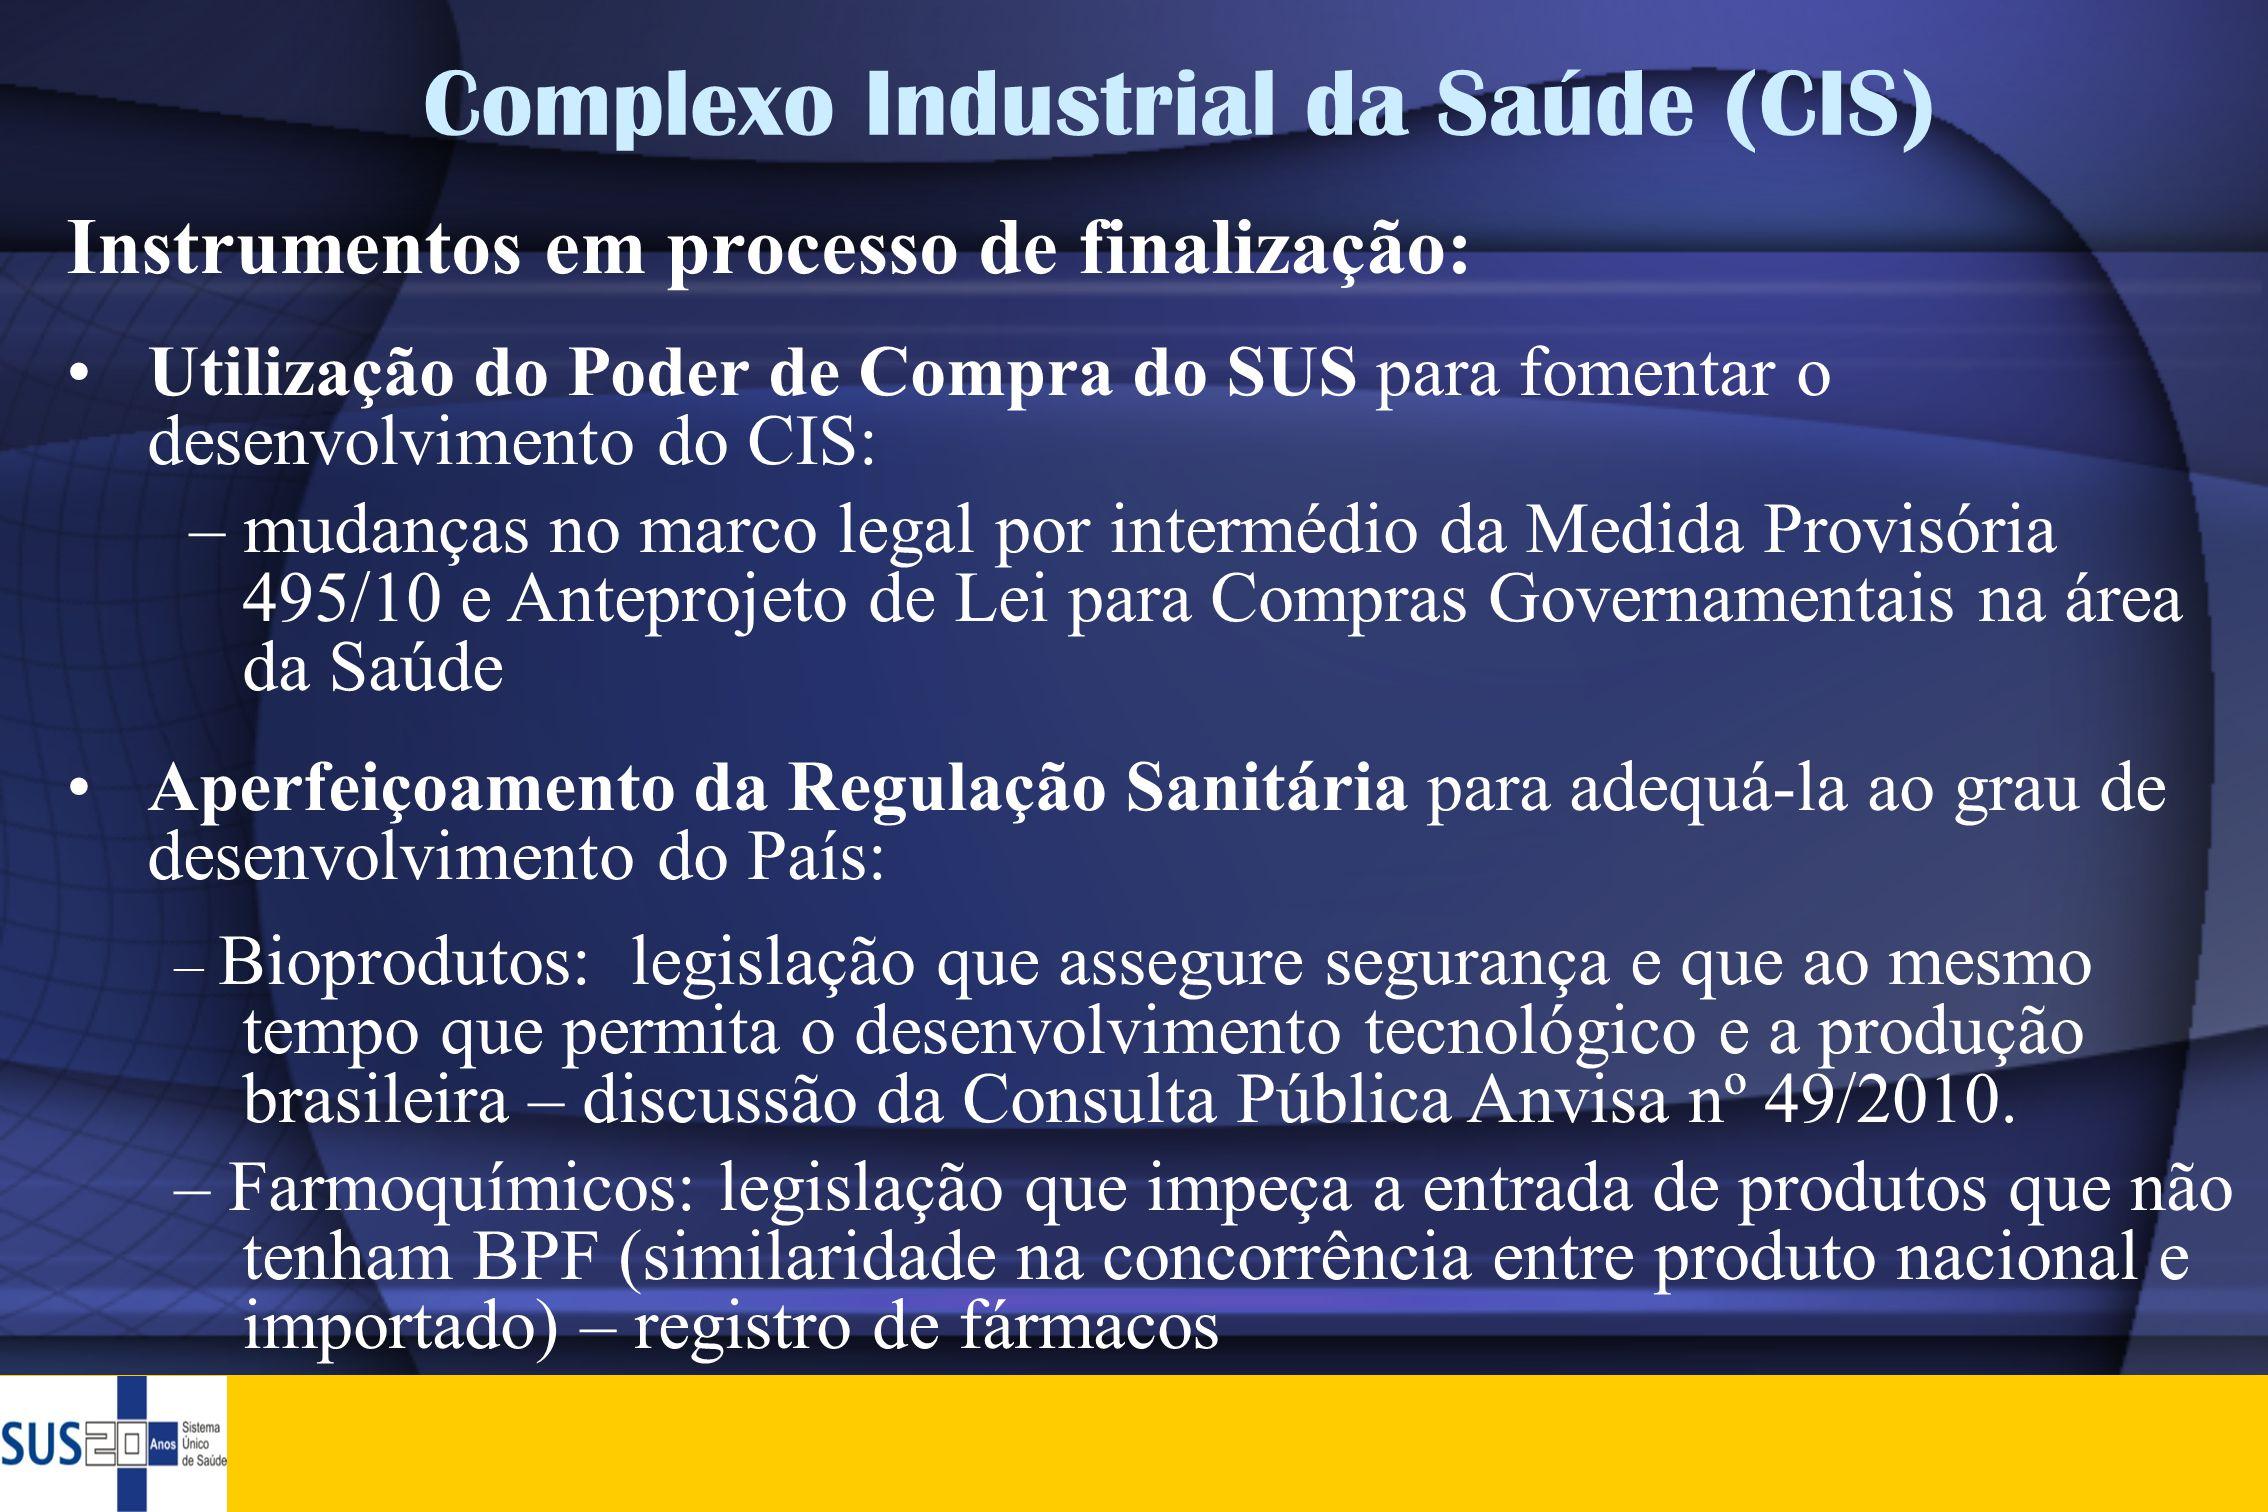 Complexo Industrial da Saúde (CIS) Instrumentos em processo de finalização: •Utilização do Poder de Compra do SUS para fomentar o desenvolvimento do C